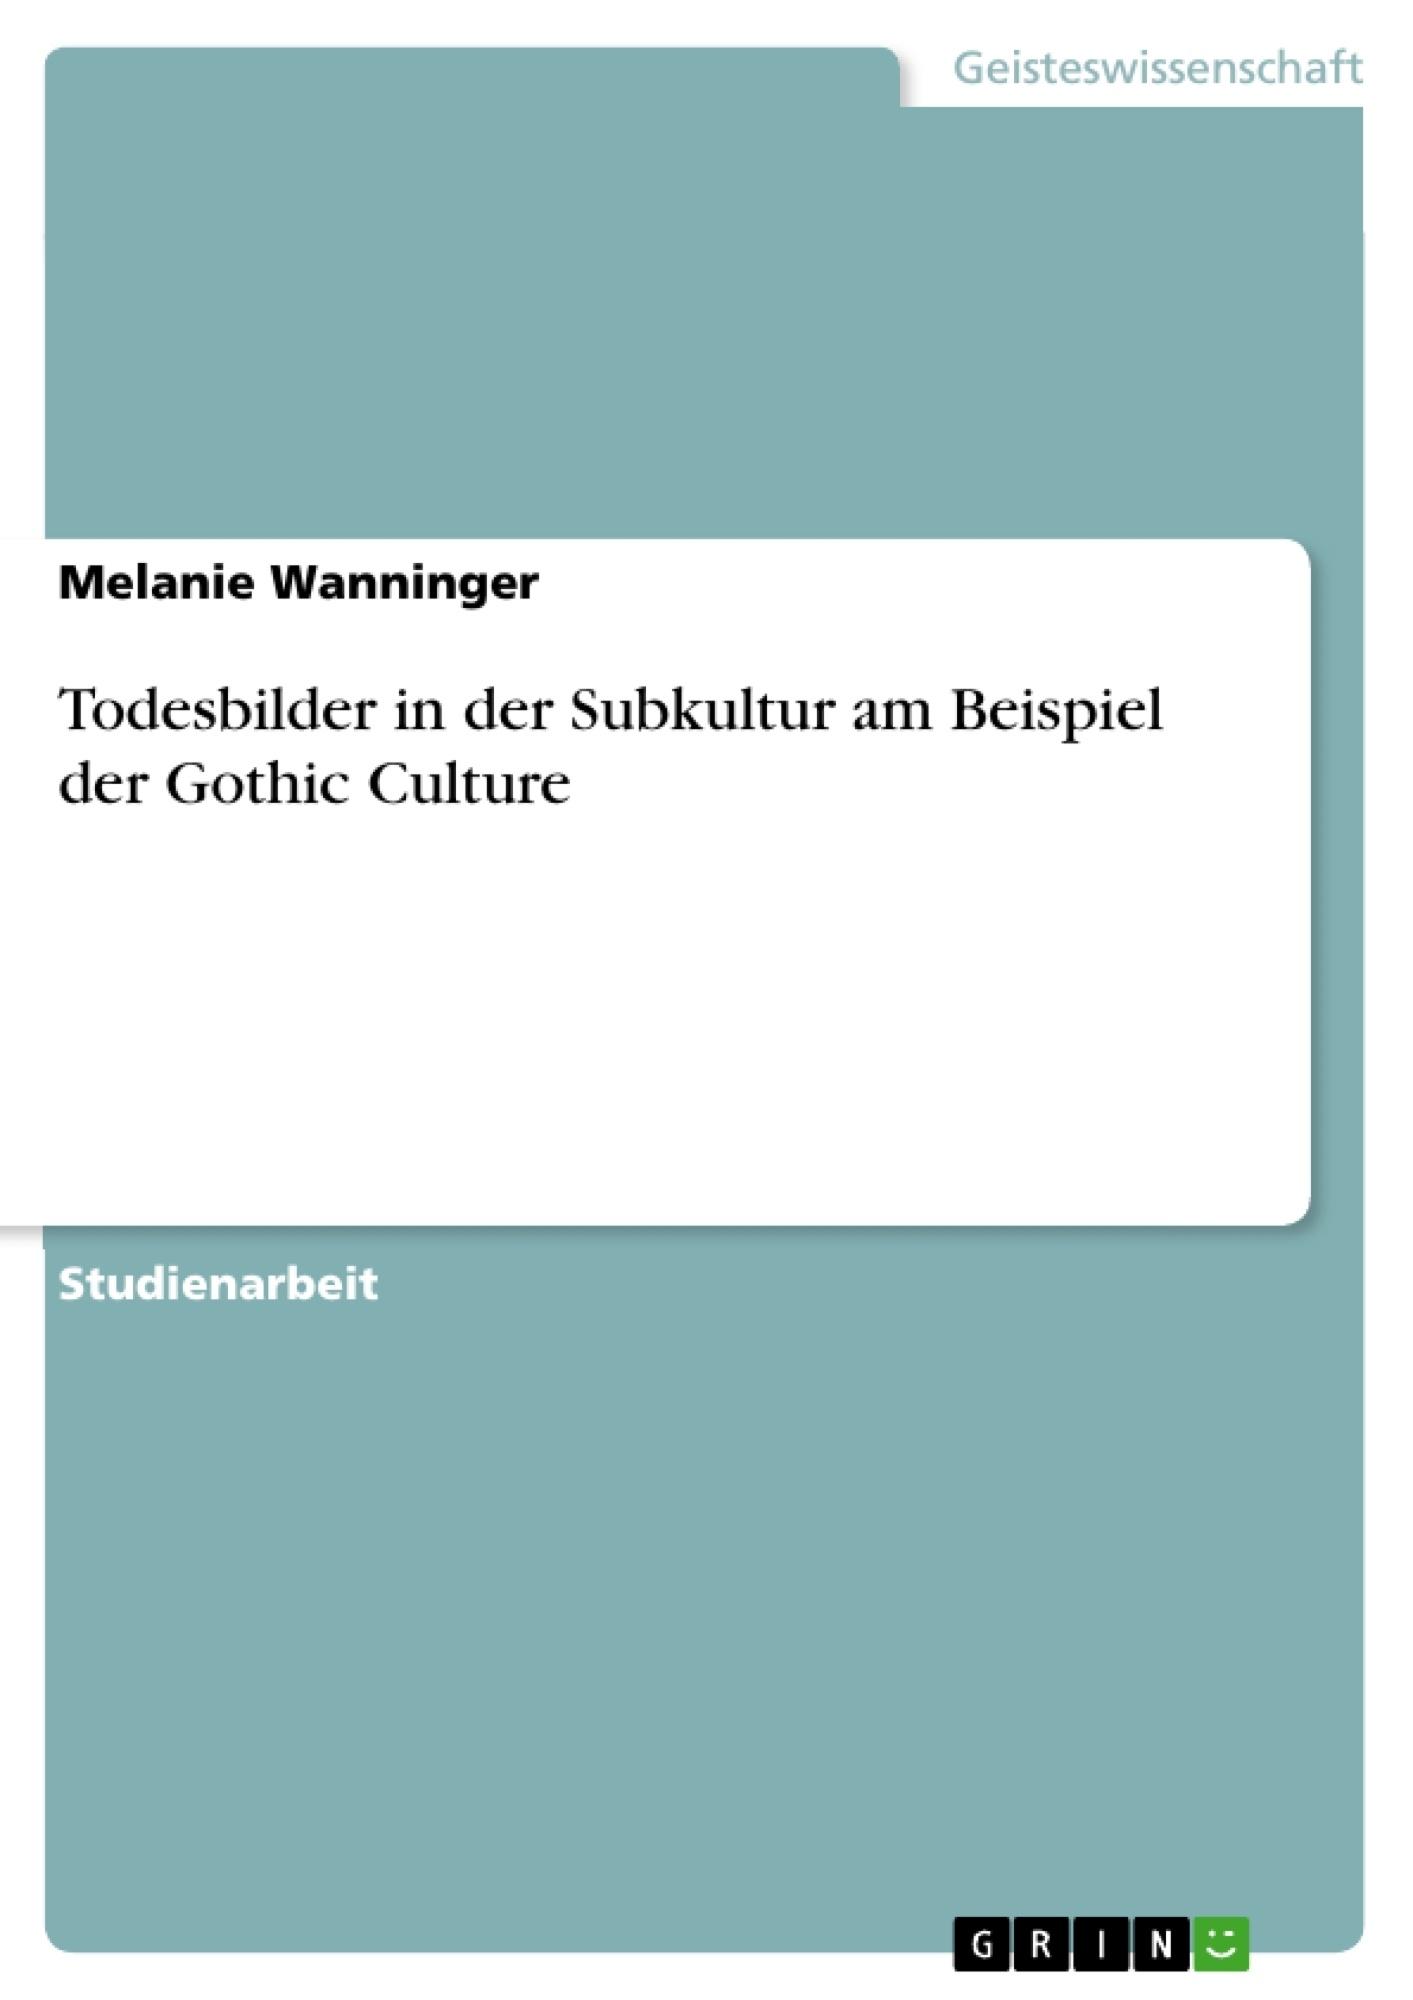 Titel: Todesbilder in der Subkultur am Beispiel der Gothic Culture